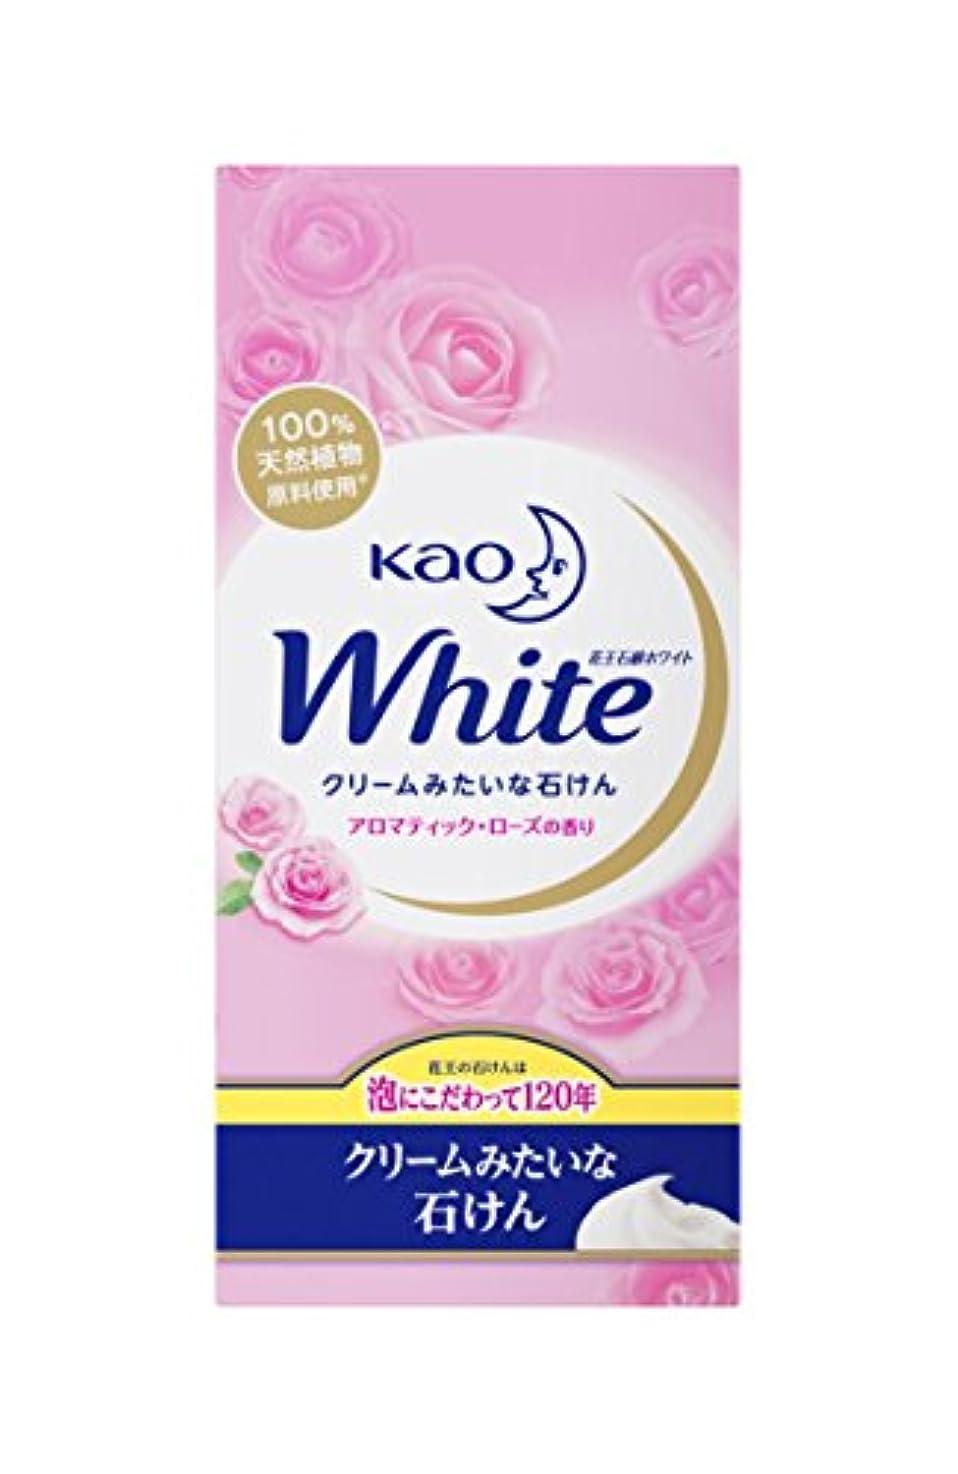 アスレチック大洪水初心者花王ホワイト アロマティックローズの香り 普通サイズ 6コパック